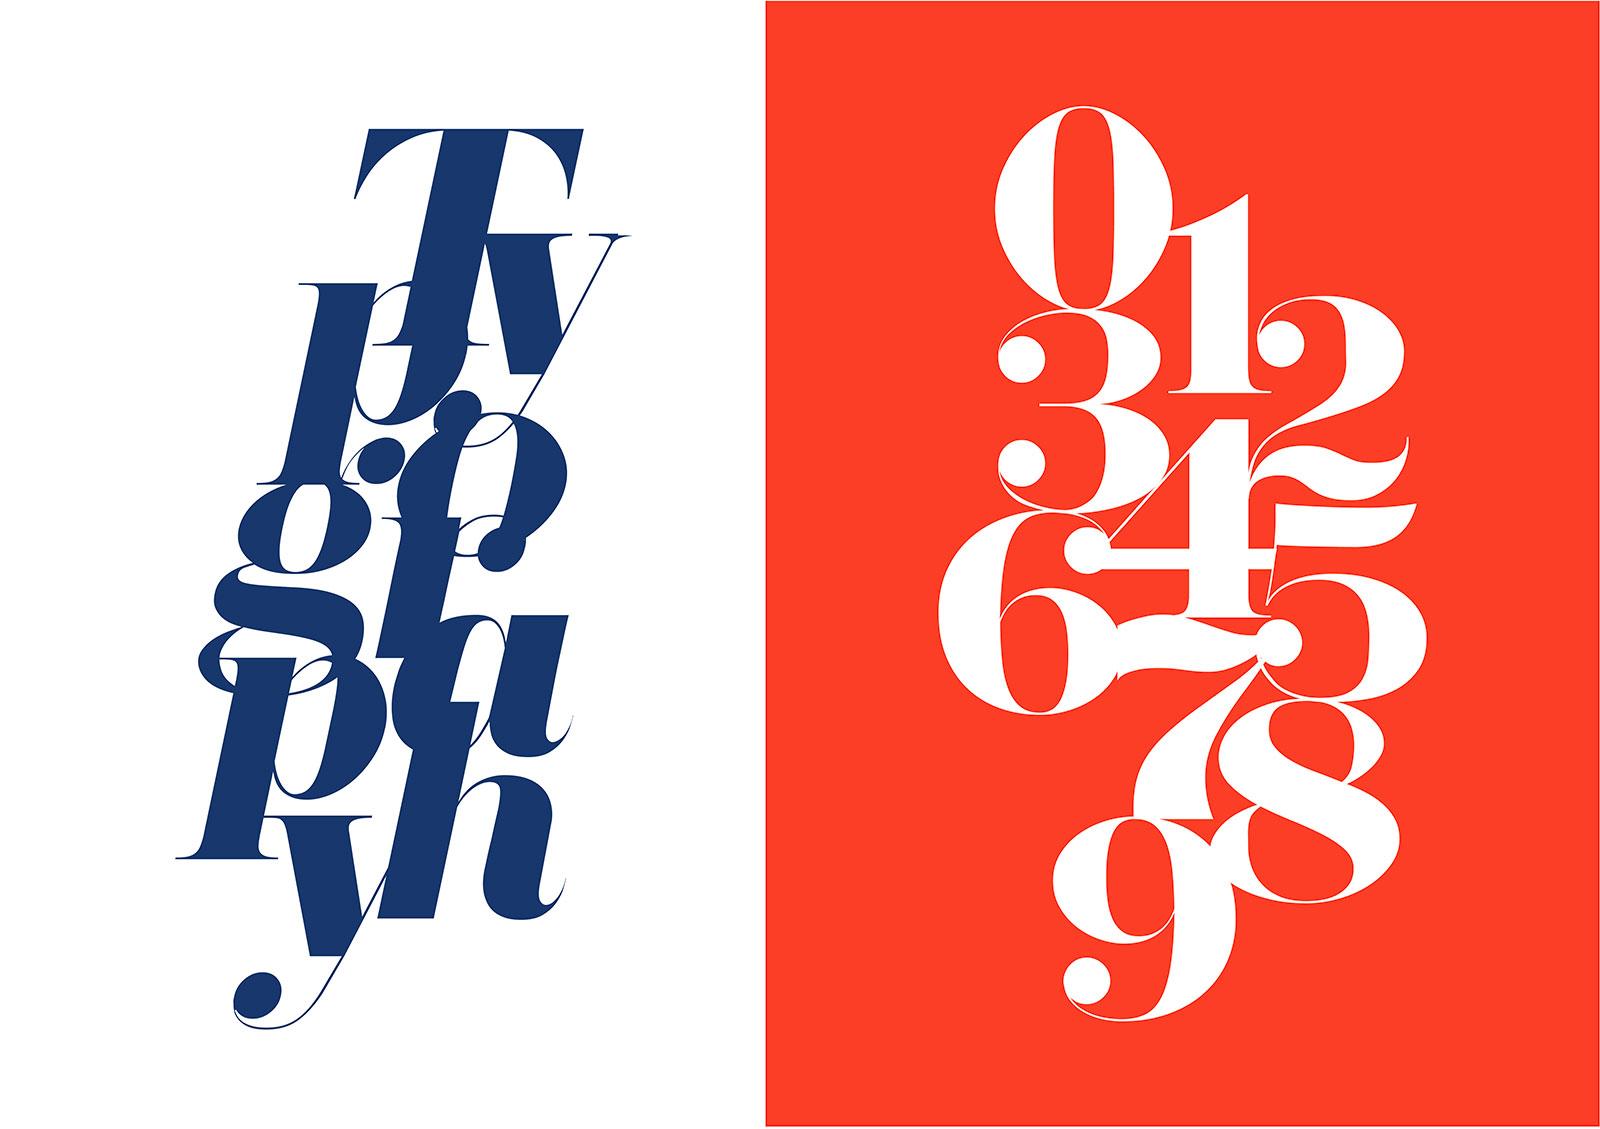 Herbert Typeface - Typography